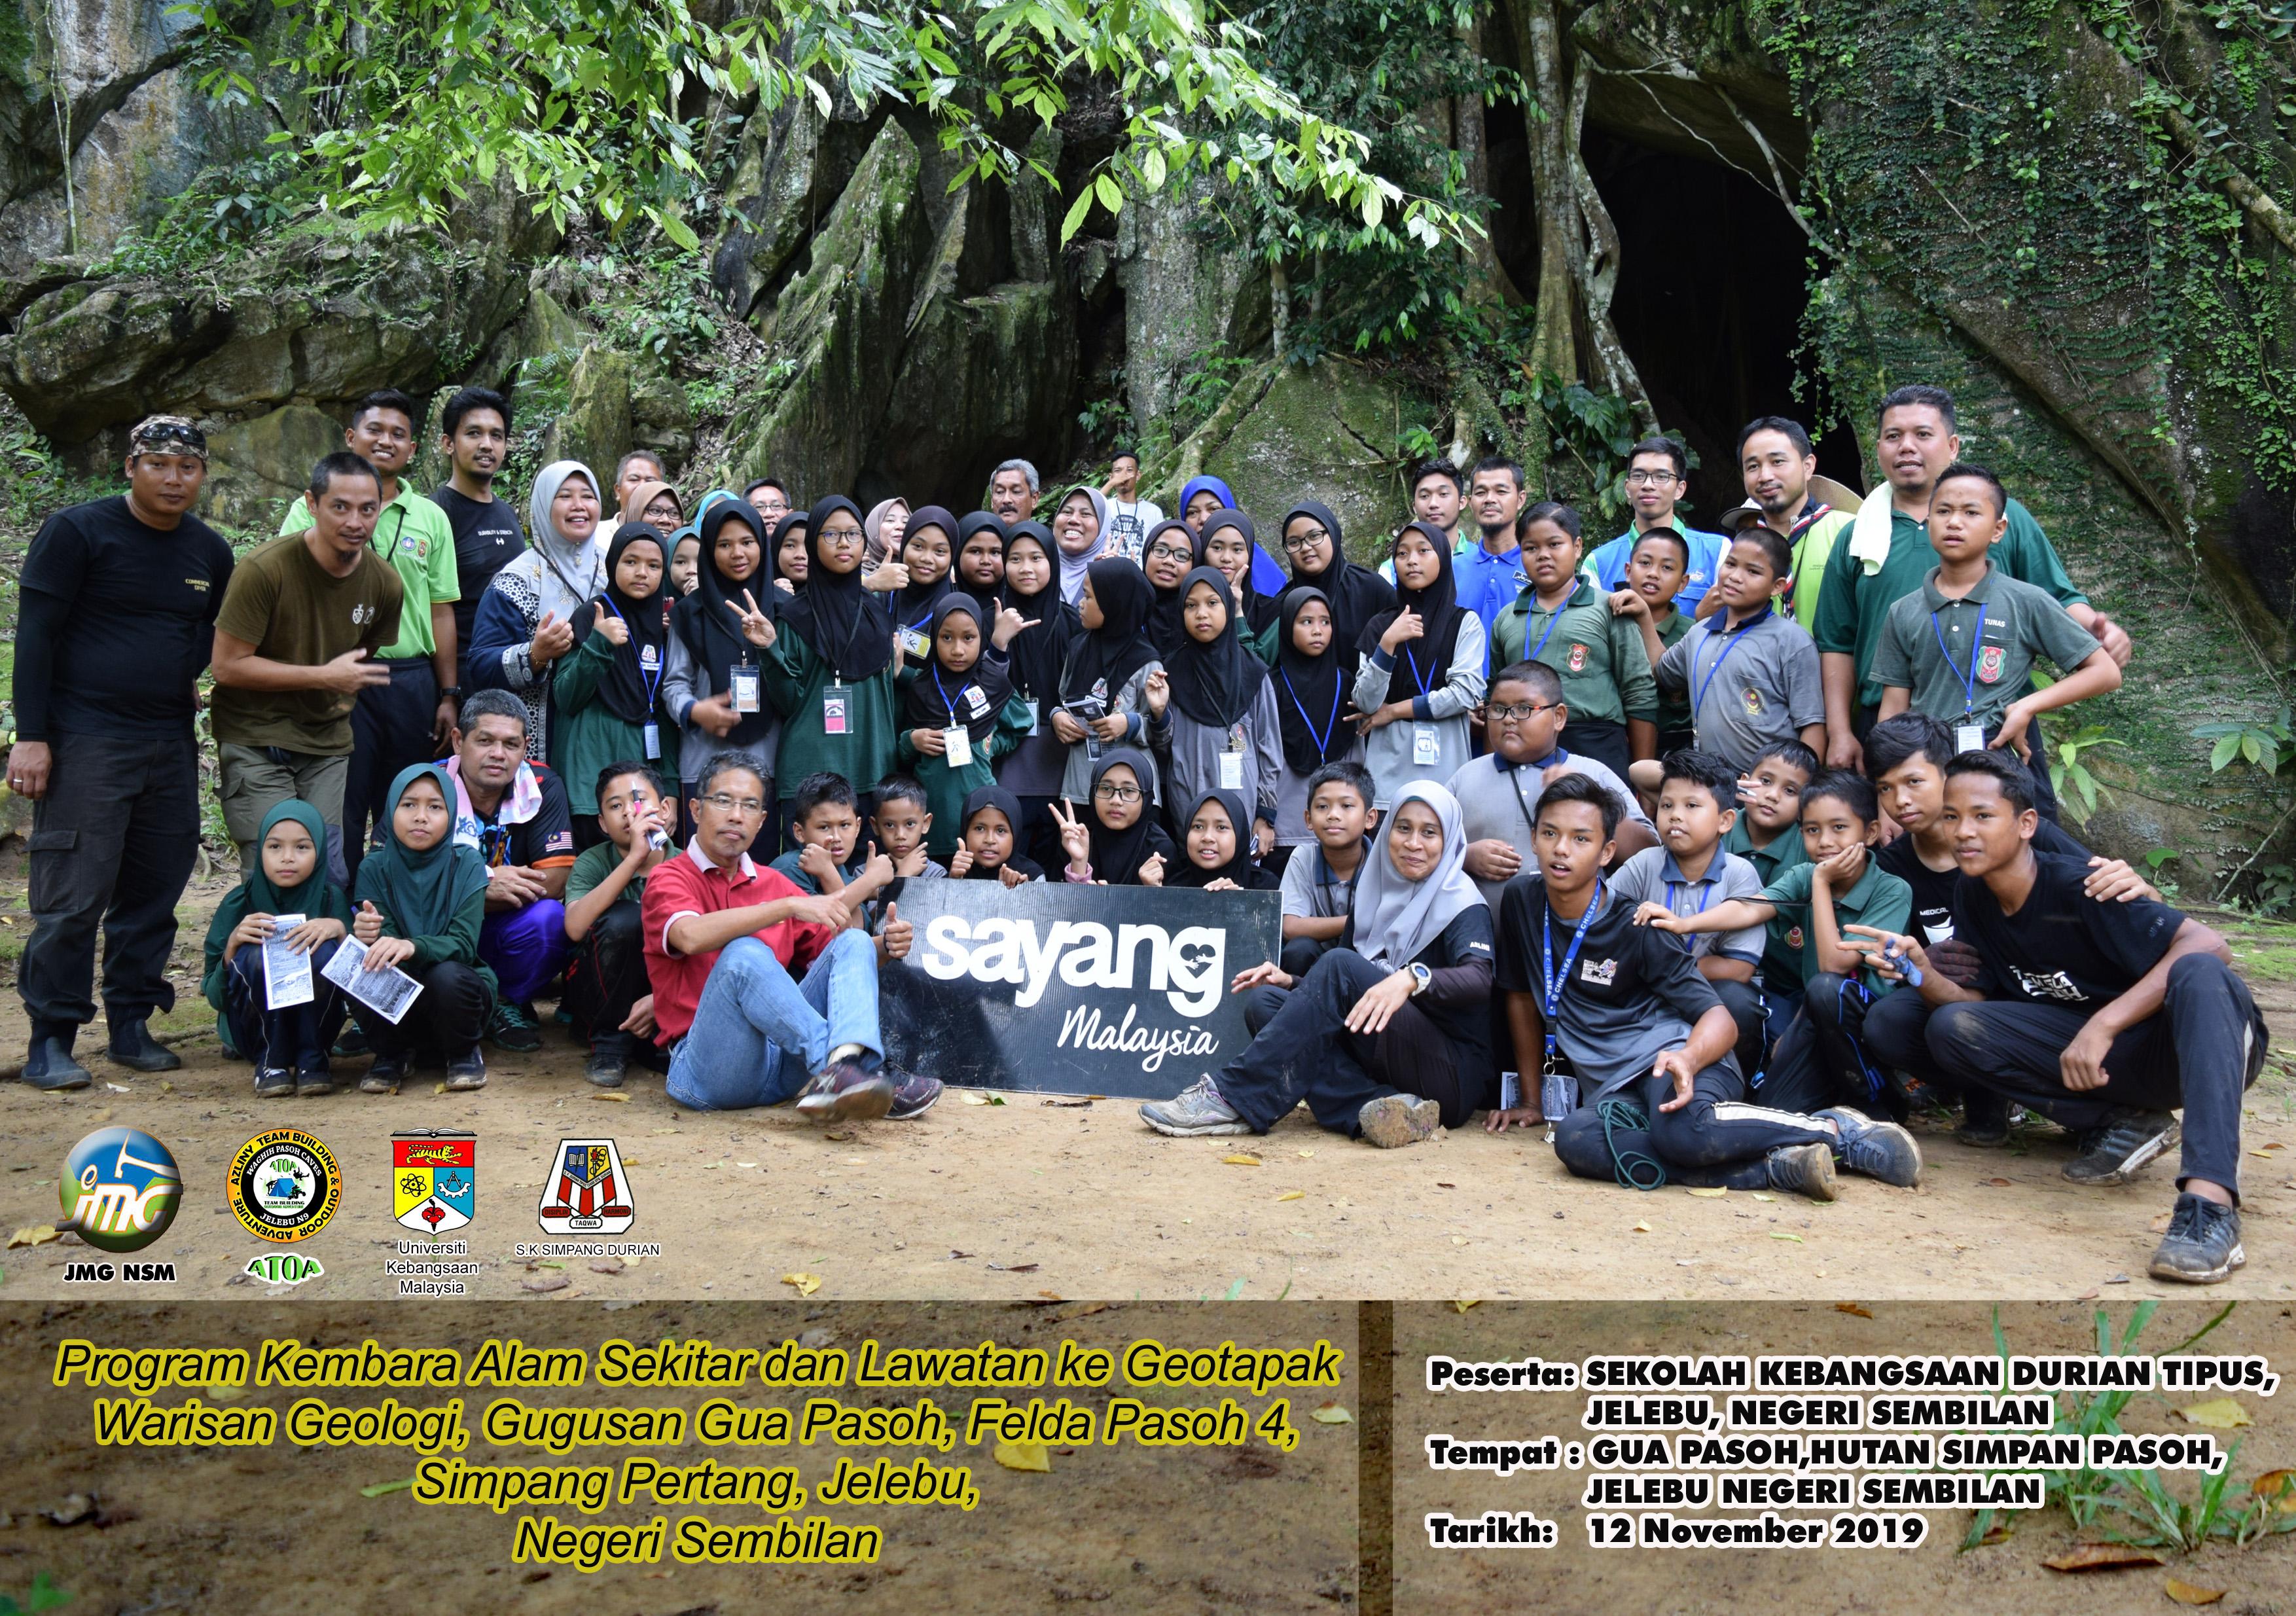 Program Kembara Alam Sekitar